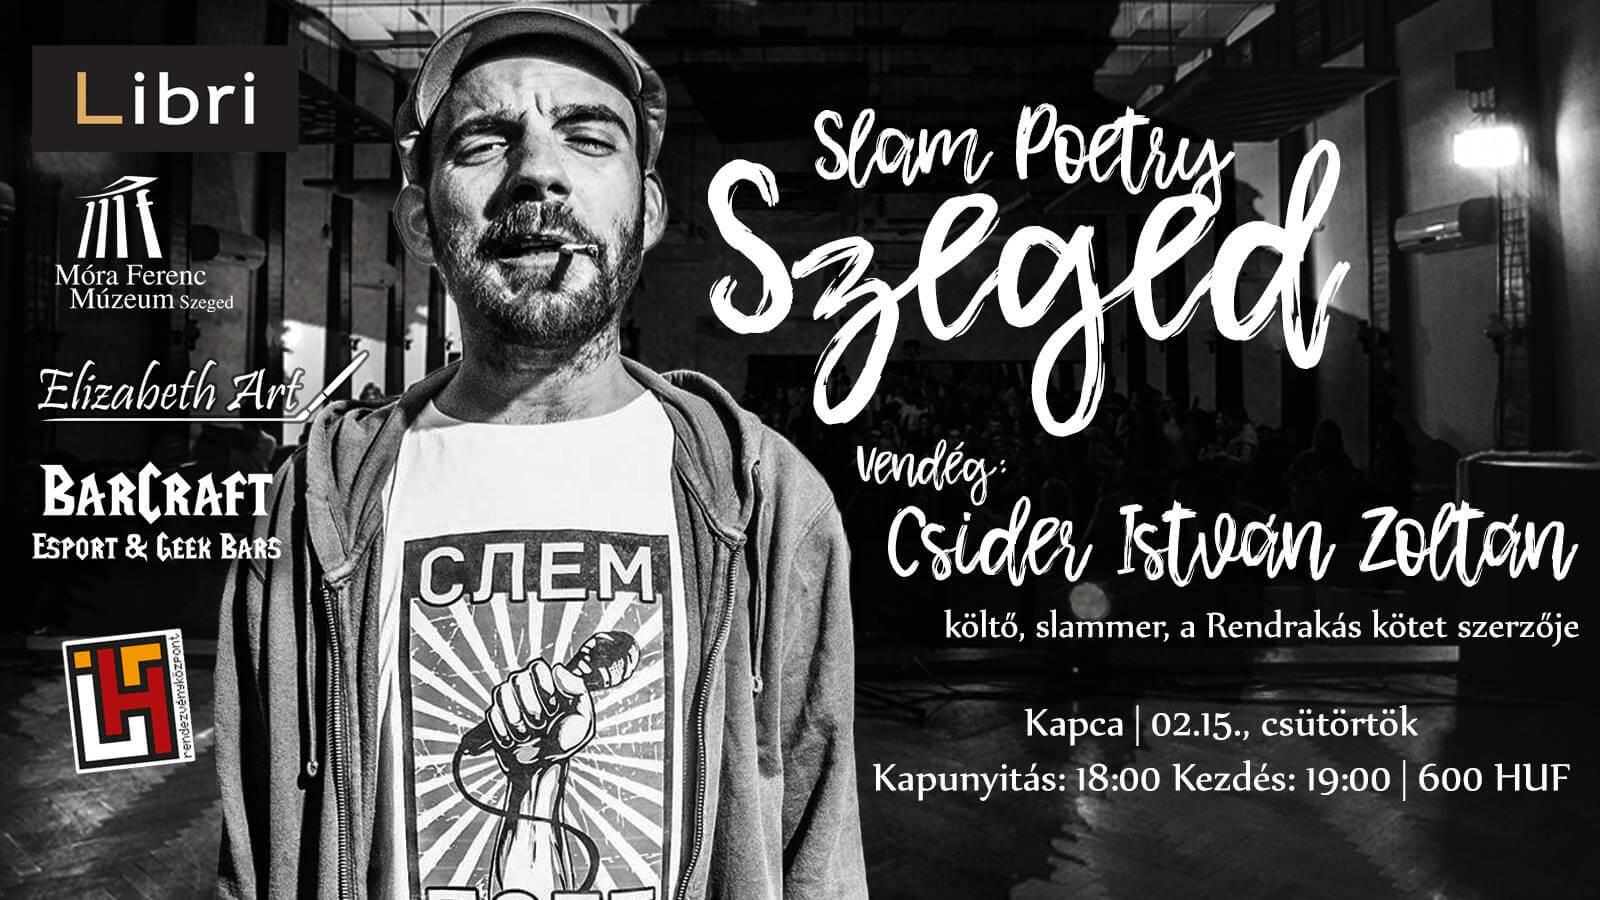 Slam Poetry Szeged Februári Klub w/ Csider István Zoltán